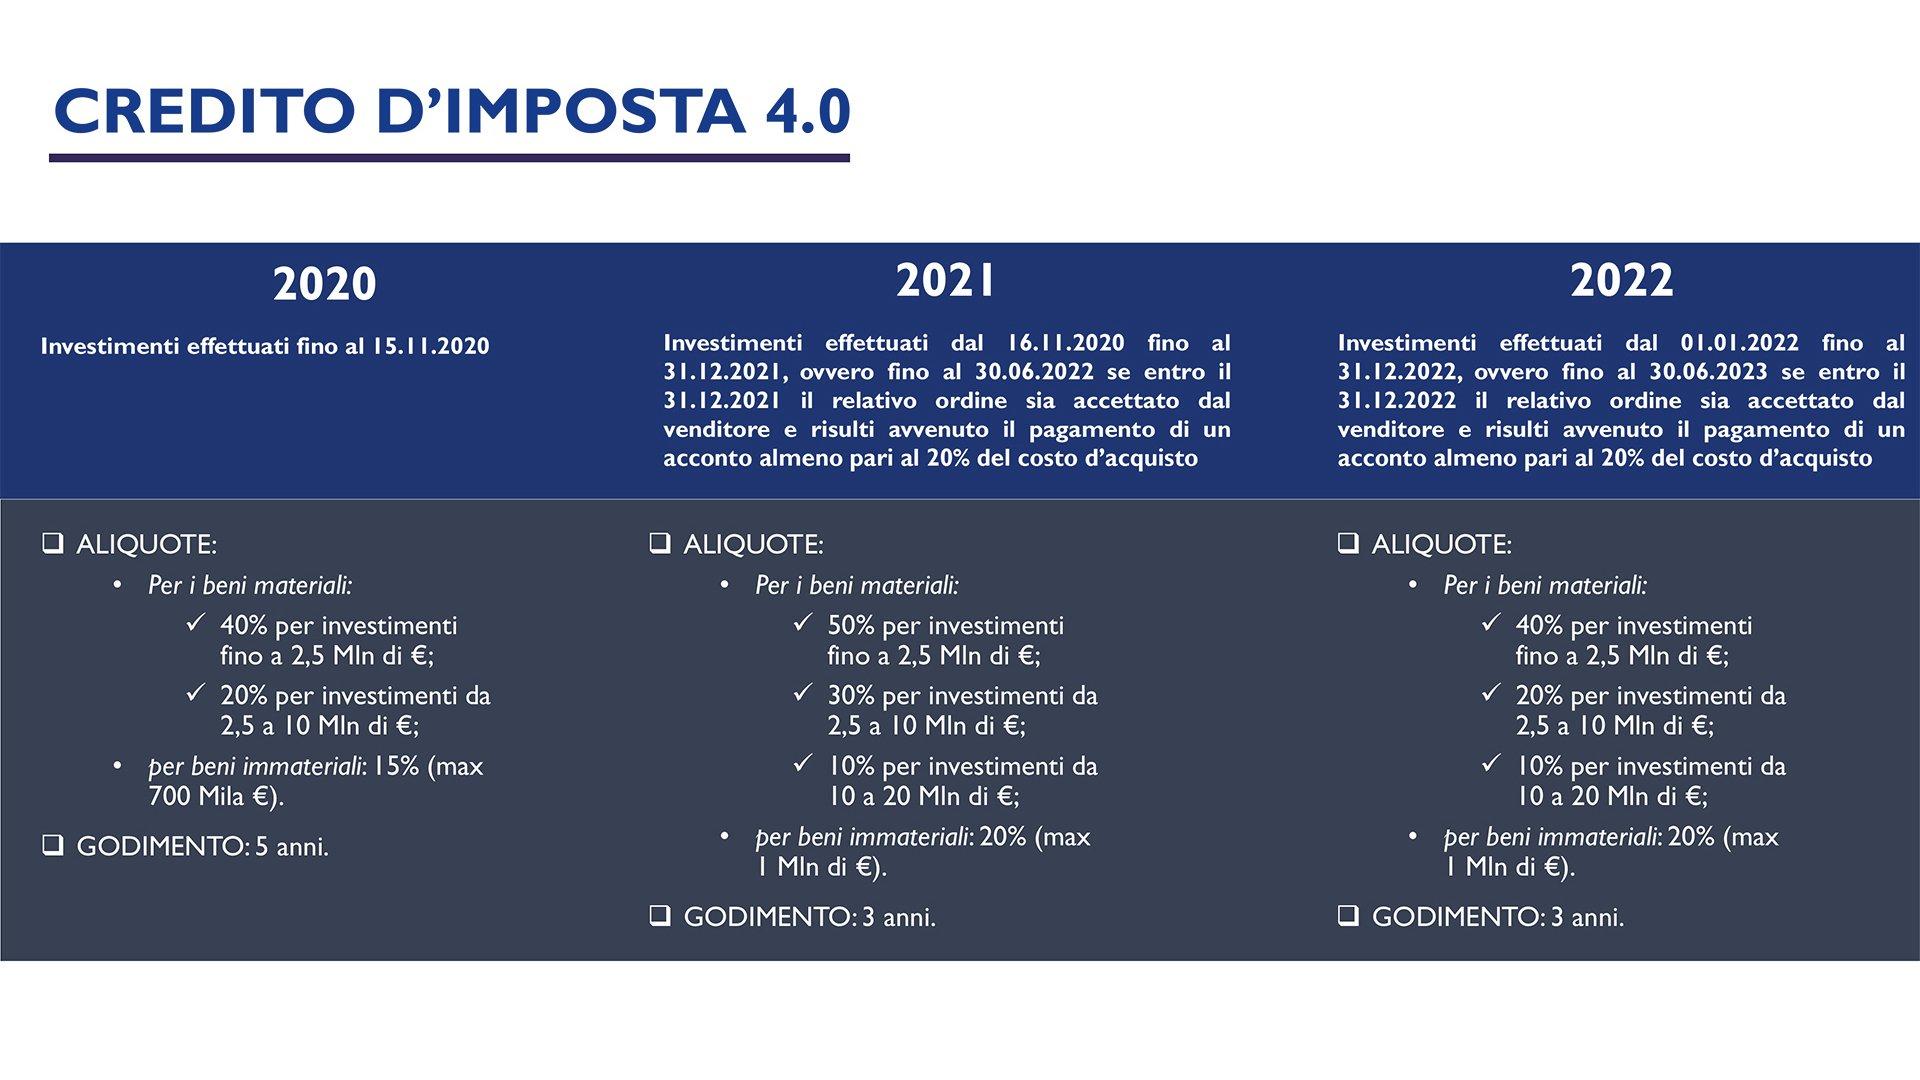 credito_di_imposta_4_0_2021